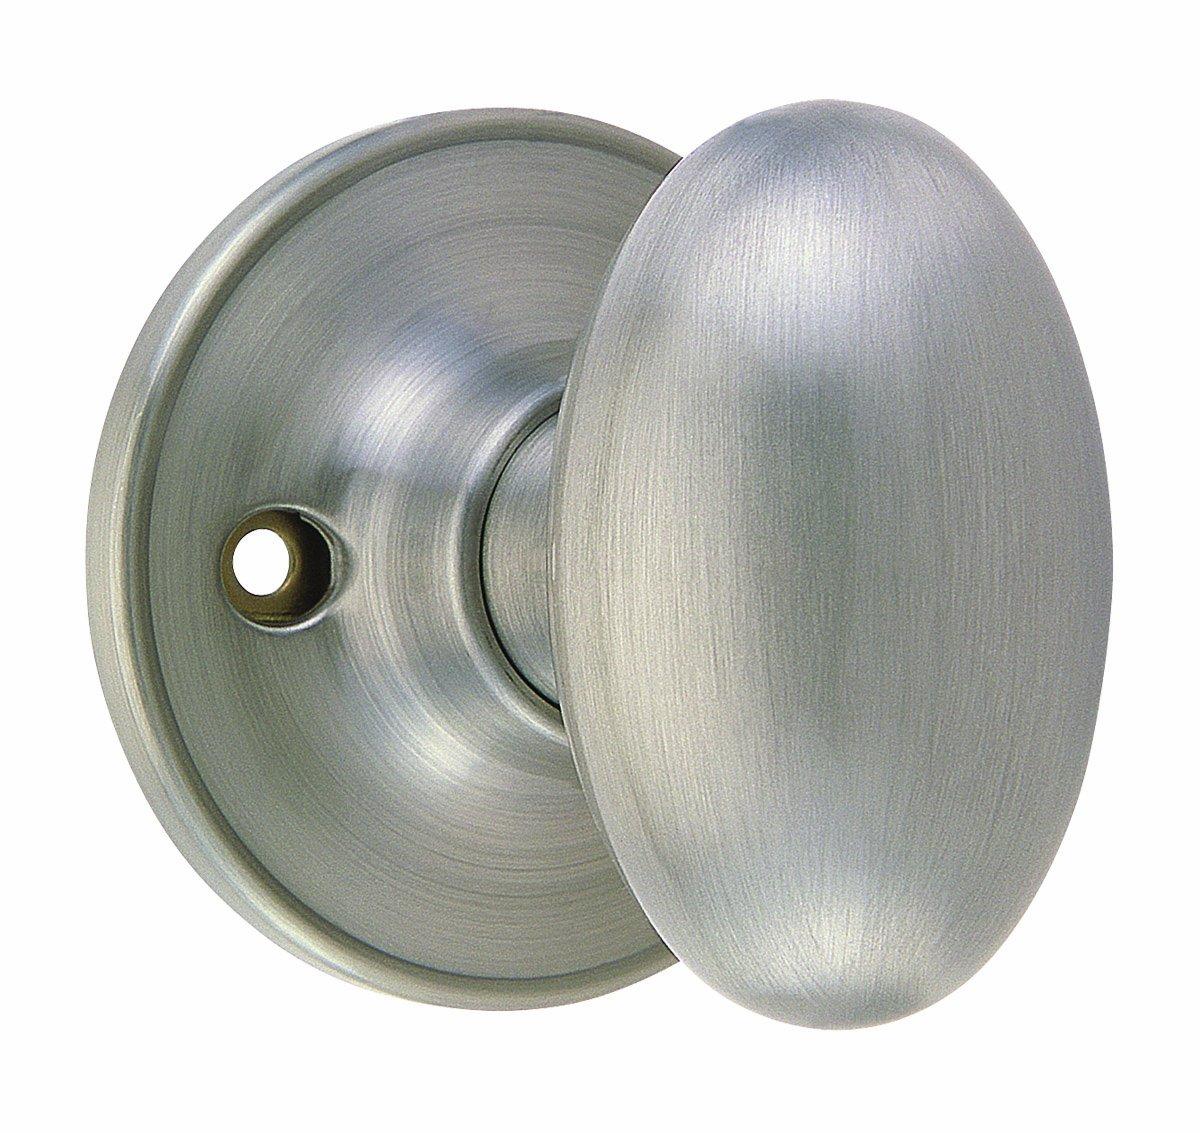 design house egg dummy door knob 2way latch oil rubbed bronze finish doorknobs amazoncom